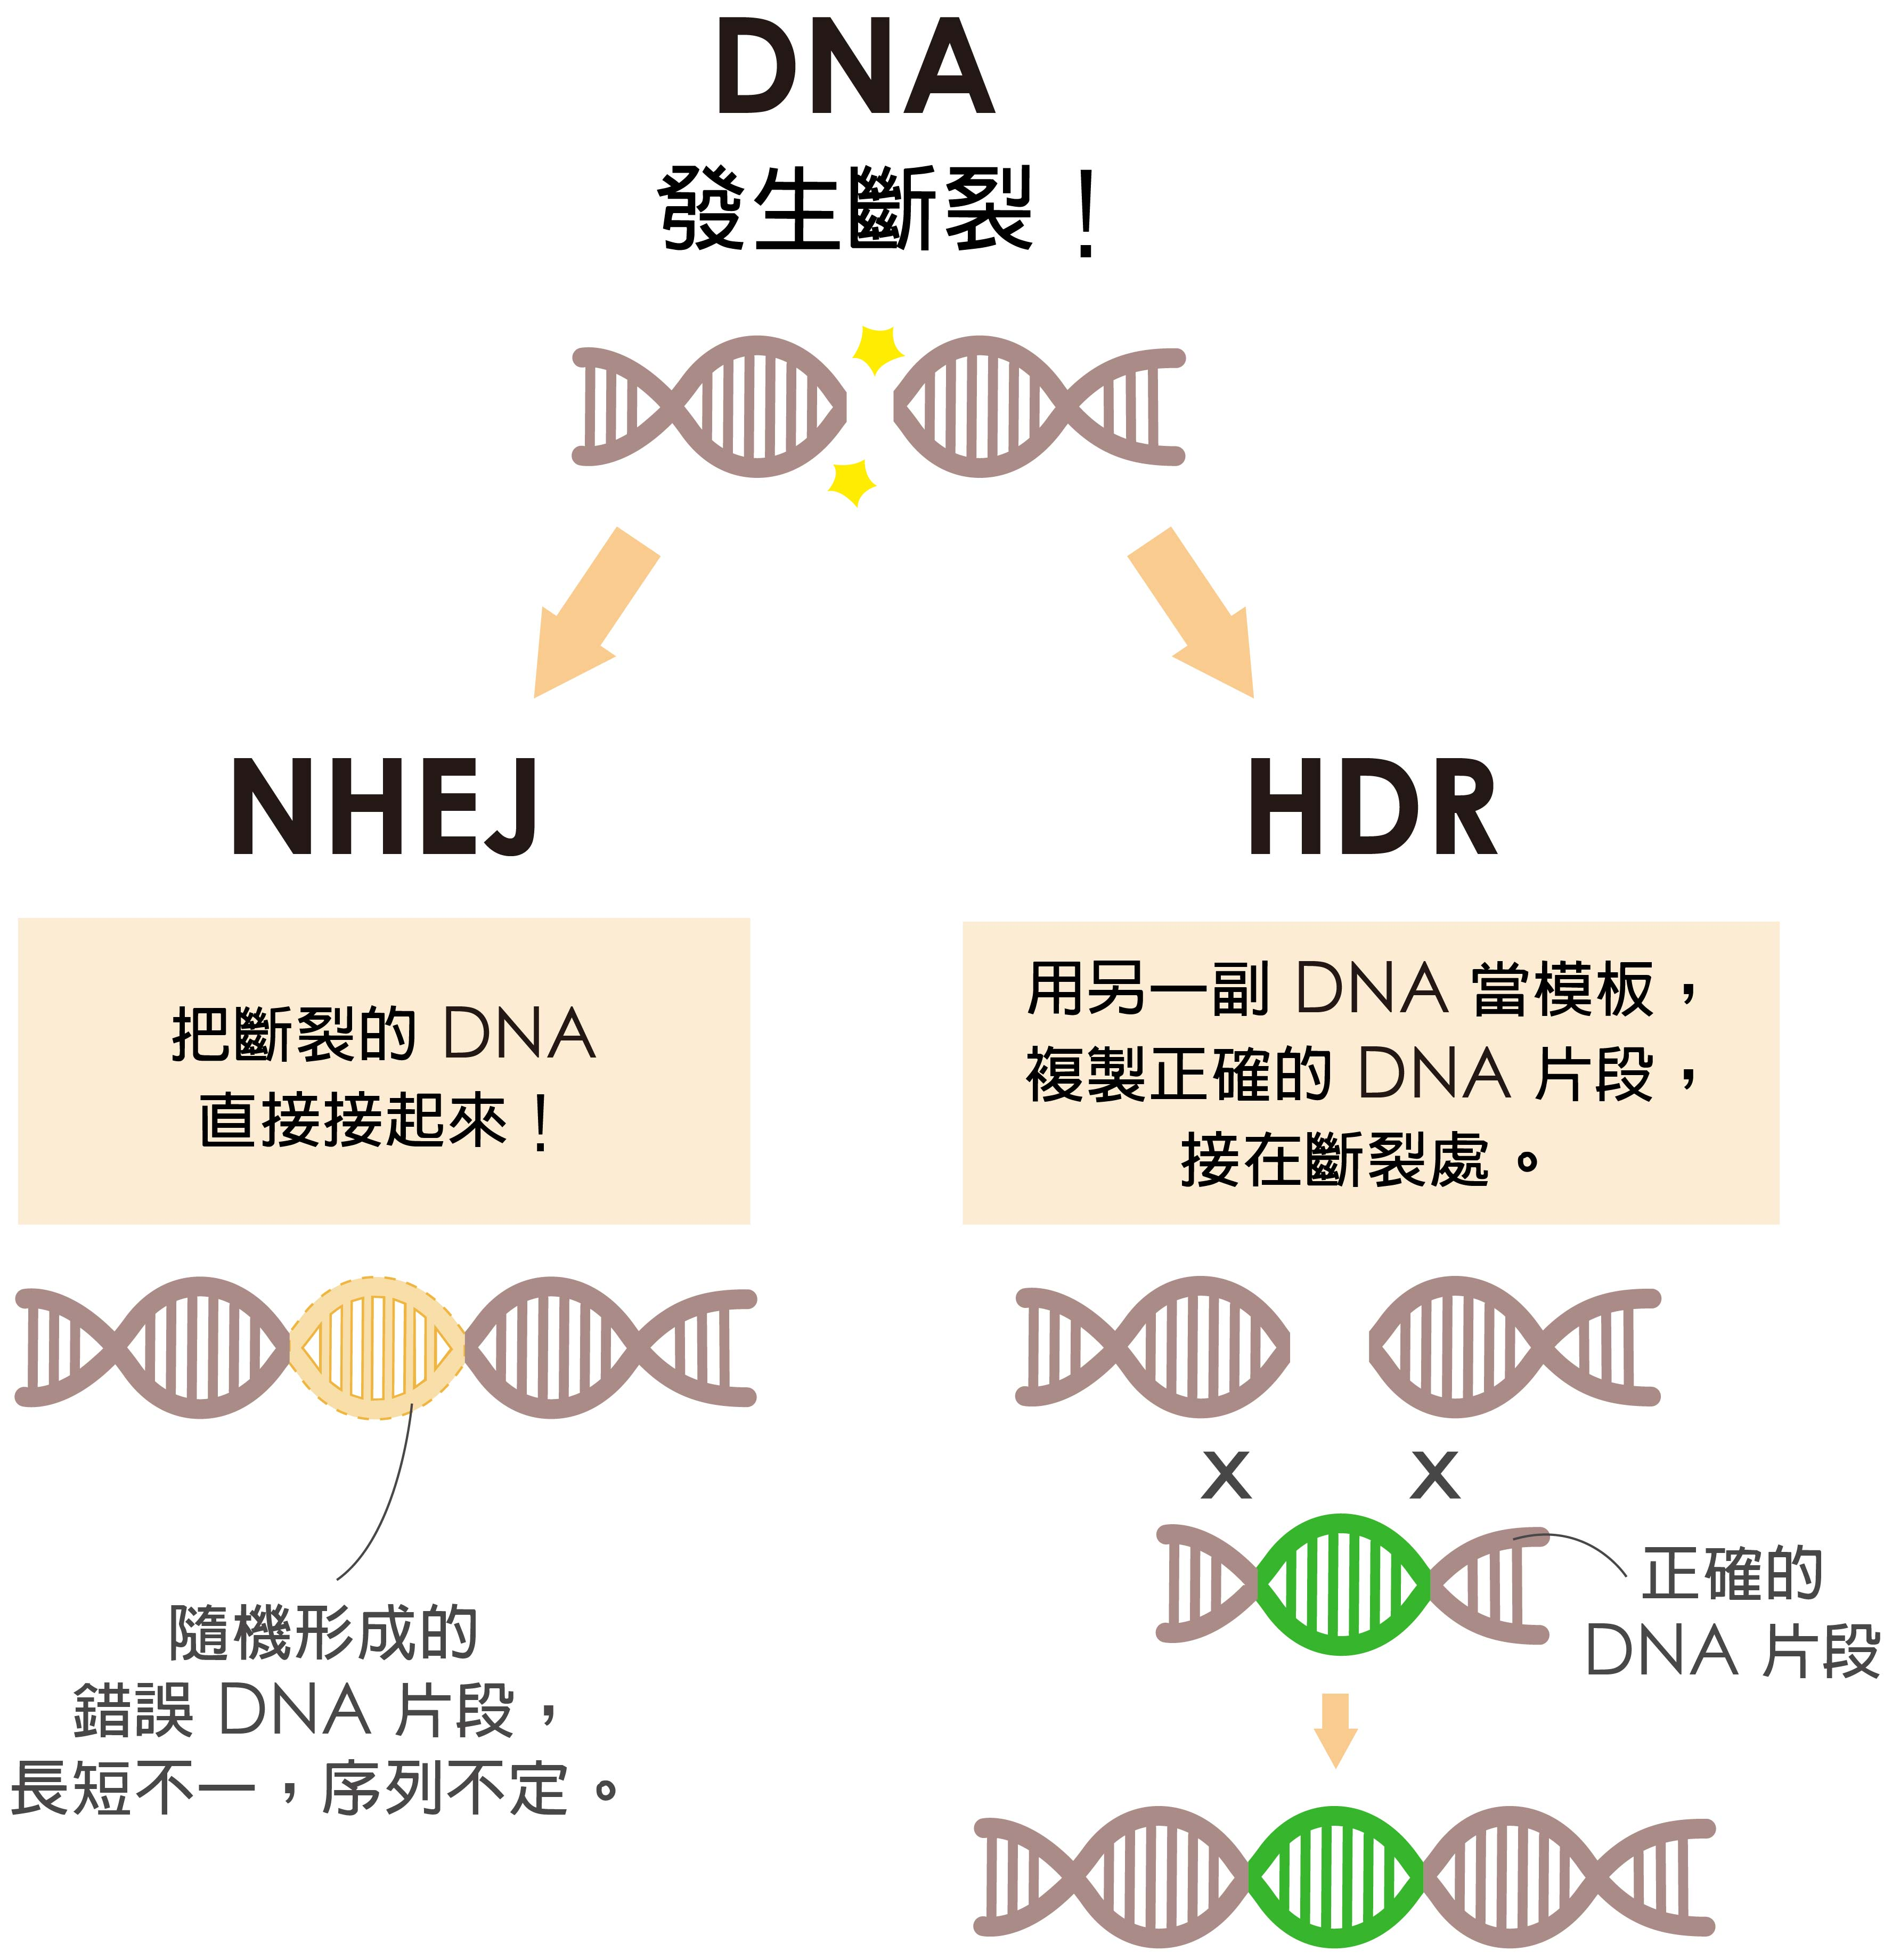 細胞修復 DNA 有兩條路,NHEJ 是直接把斷裂處接起來,HDR 是拿另一副 DNA 做模板複製正確的 DNA 片段,接在斷裂處。當細胞選擇走 HDR,才有可能接受外界送入的正確基因。圖│研之有物 (資料來源│凌嘉鴻)